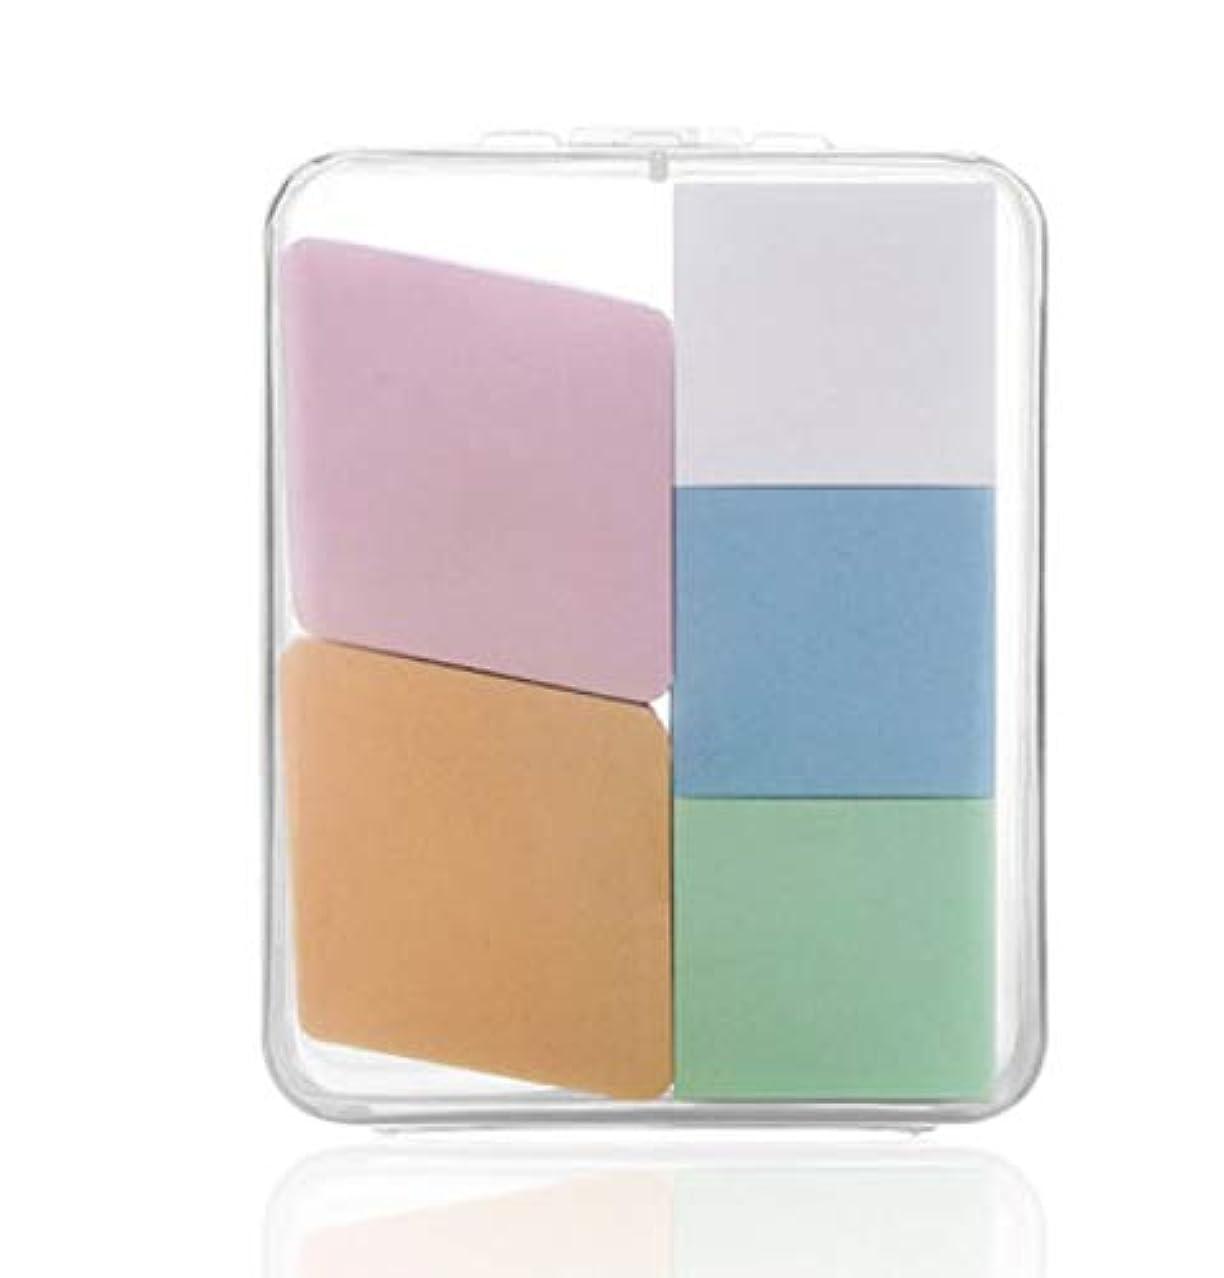 アドバンテージ洗う吐き出す美容スポンジ、収納ボックス付きソフト化粧スポンジ美容メイク卵5パック